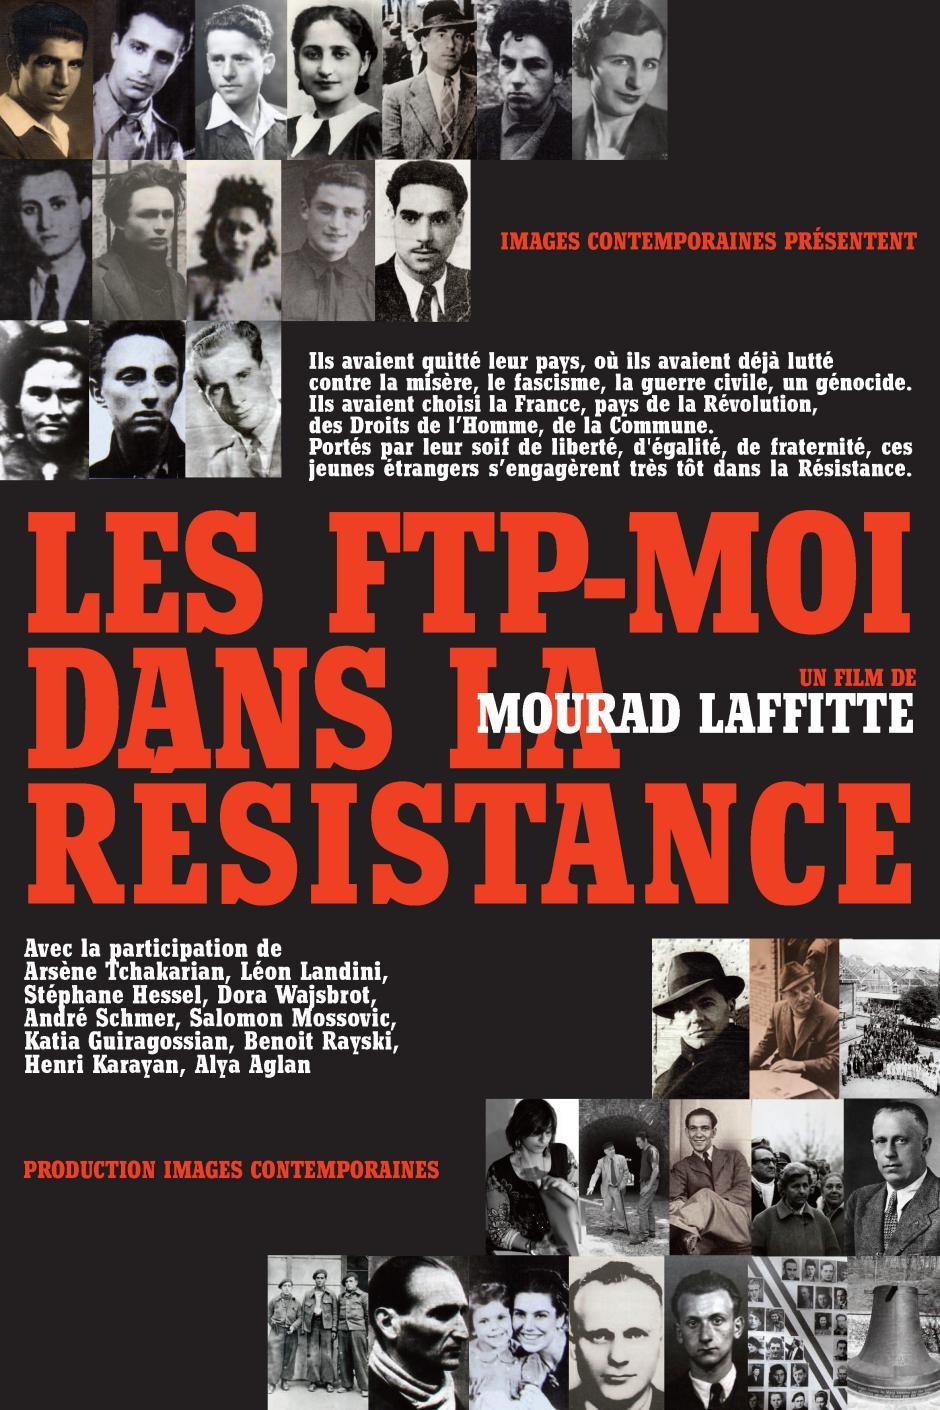 17 novembre, Amiens - Projection du documentaire « Les FTP-MOI dans la Résistance »